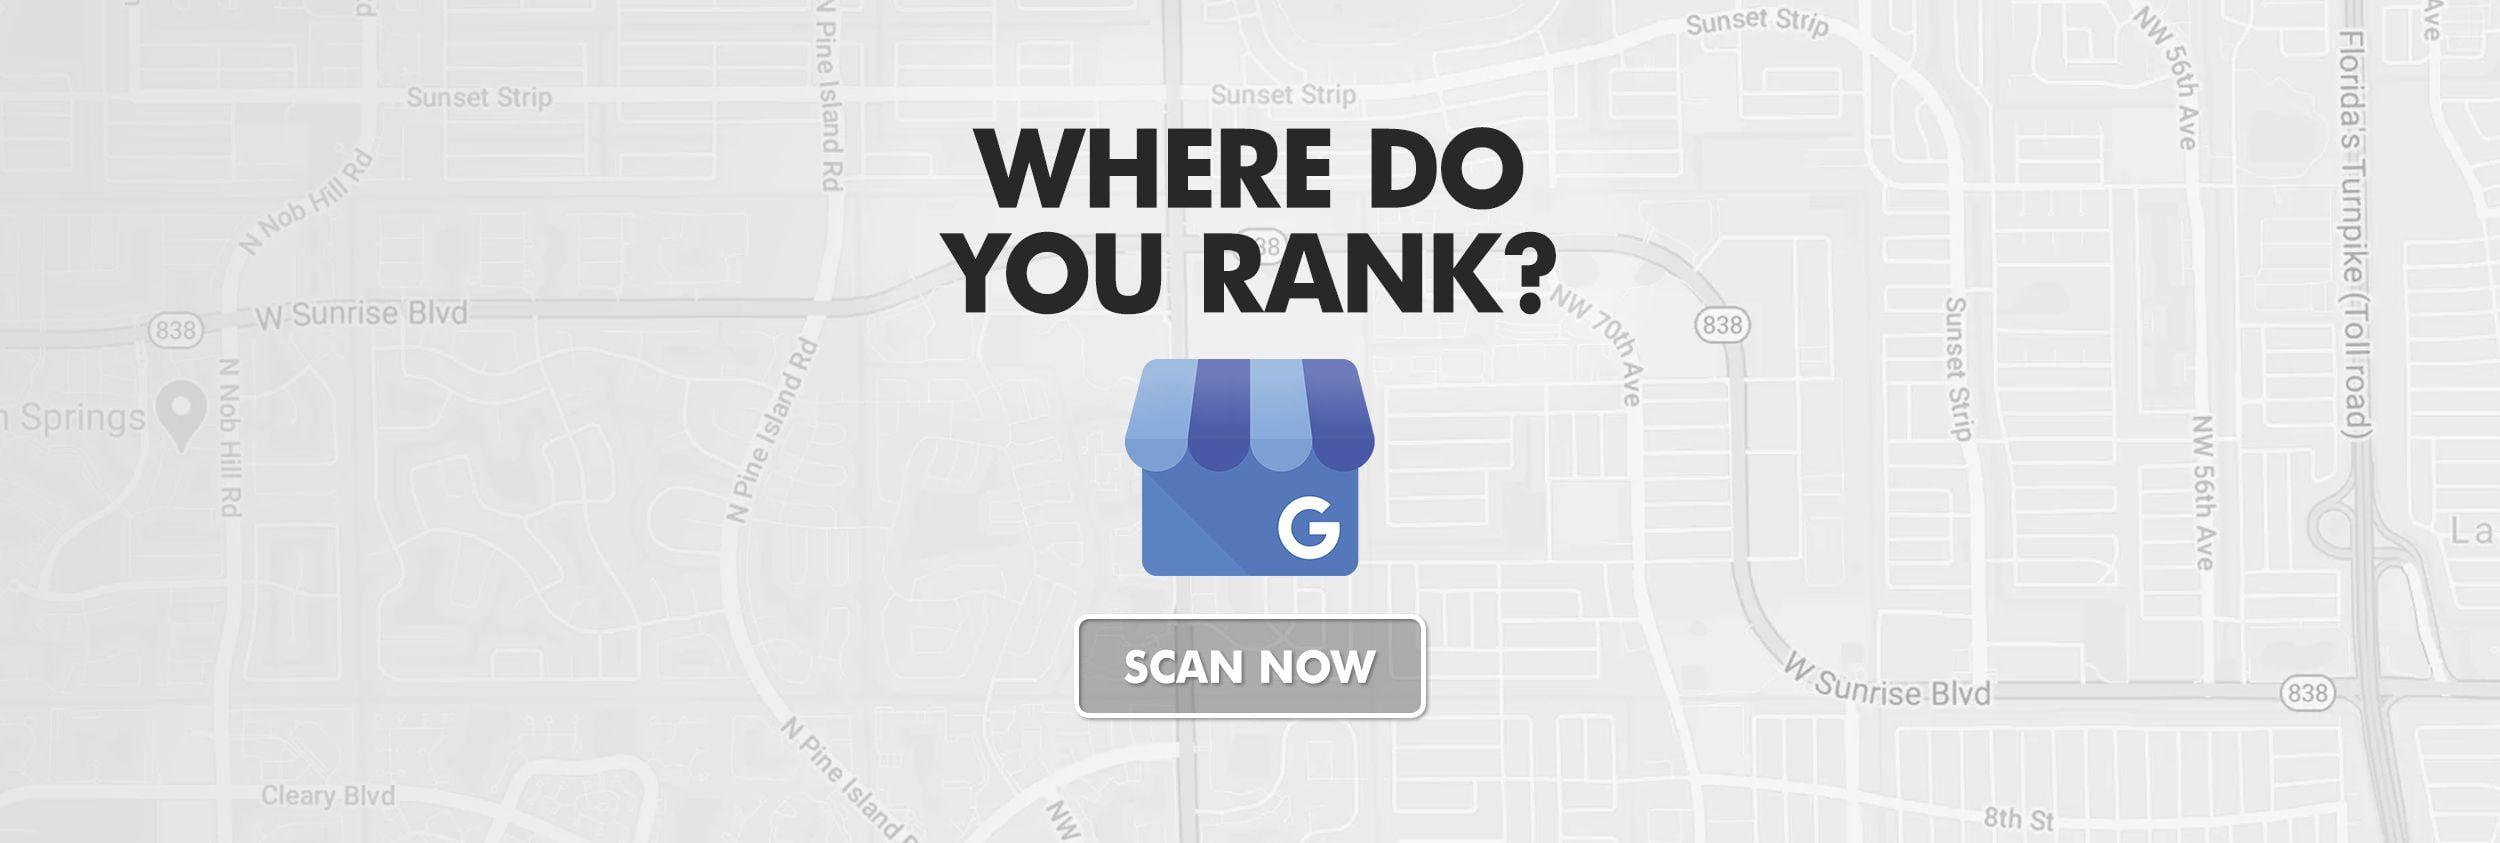 OMG Rank Grid - Where Do You Rank? Tablet